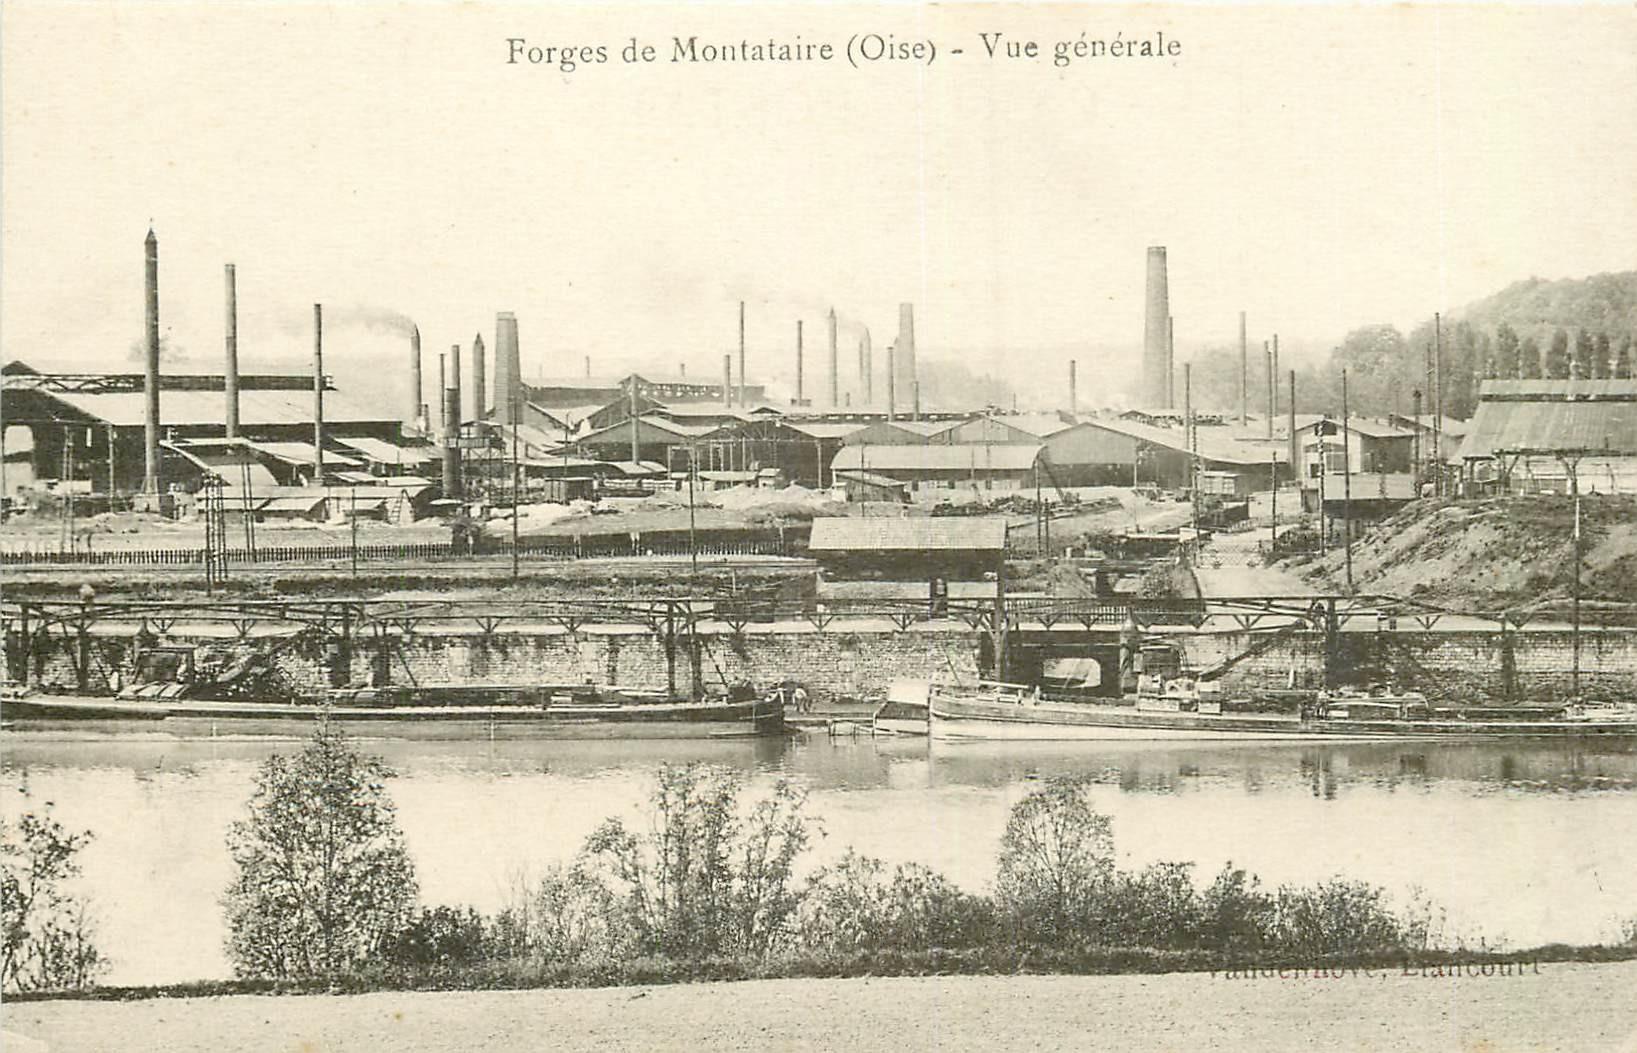 60 MONTATAIRE. Les Forges et les Péniches